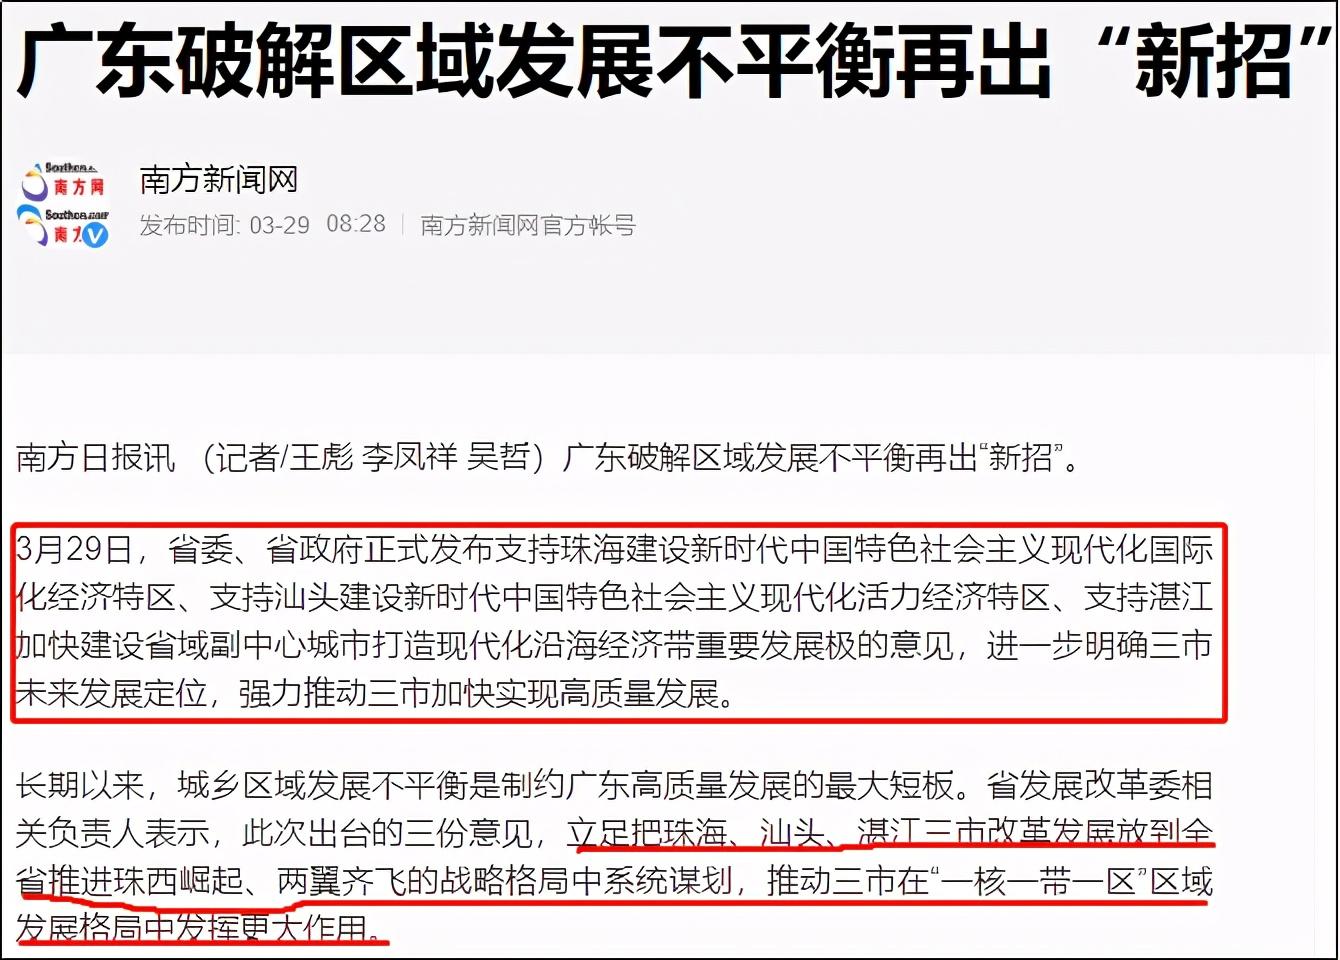 """珠江西岸""""龙头""""来了!新定位的珠海投资价值解密"""